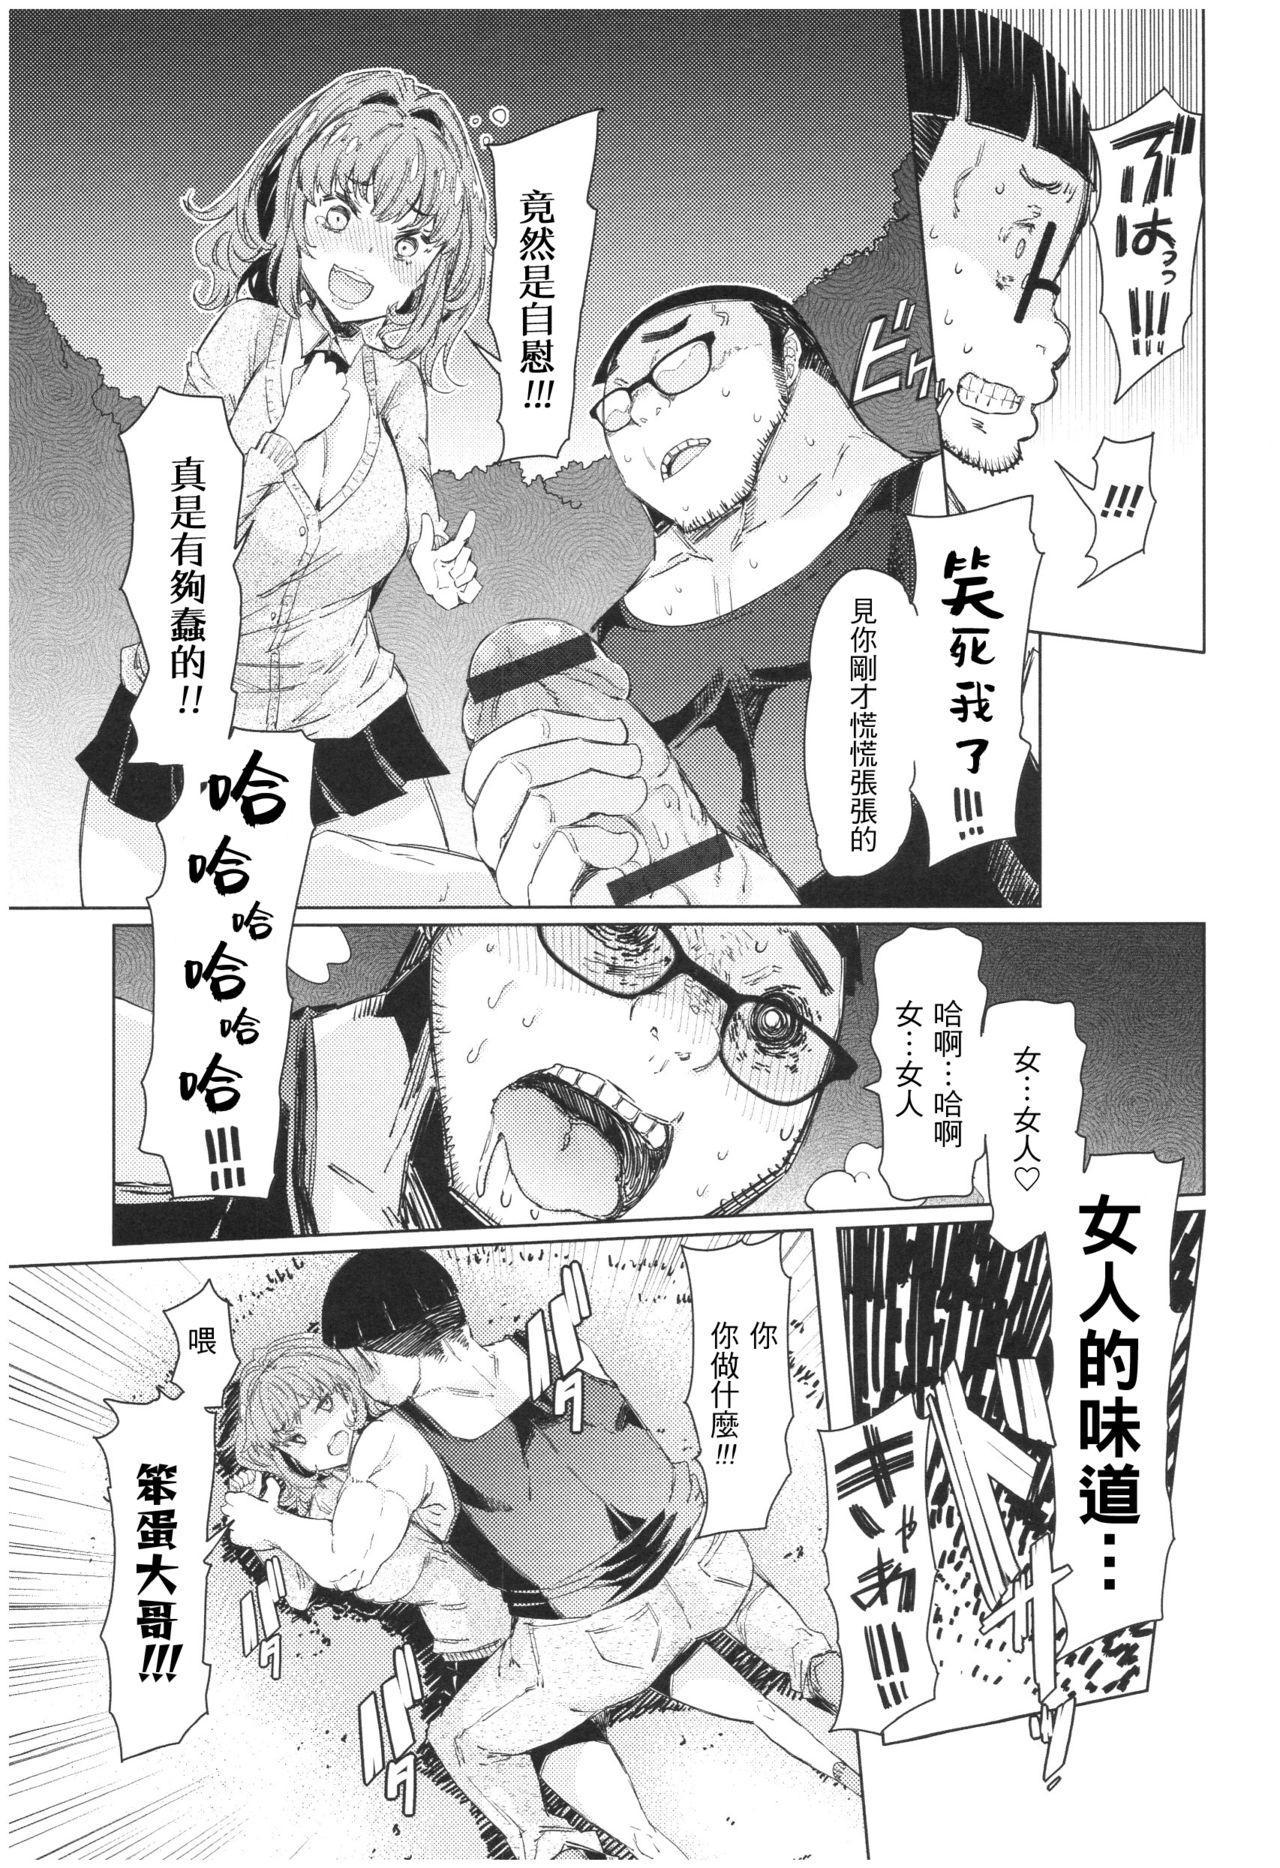 Ochita Kyoudai no 13-nichi Gougan Imouto no Otoshikata 9